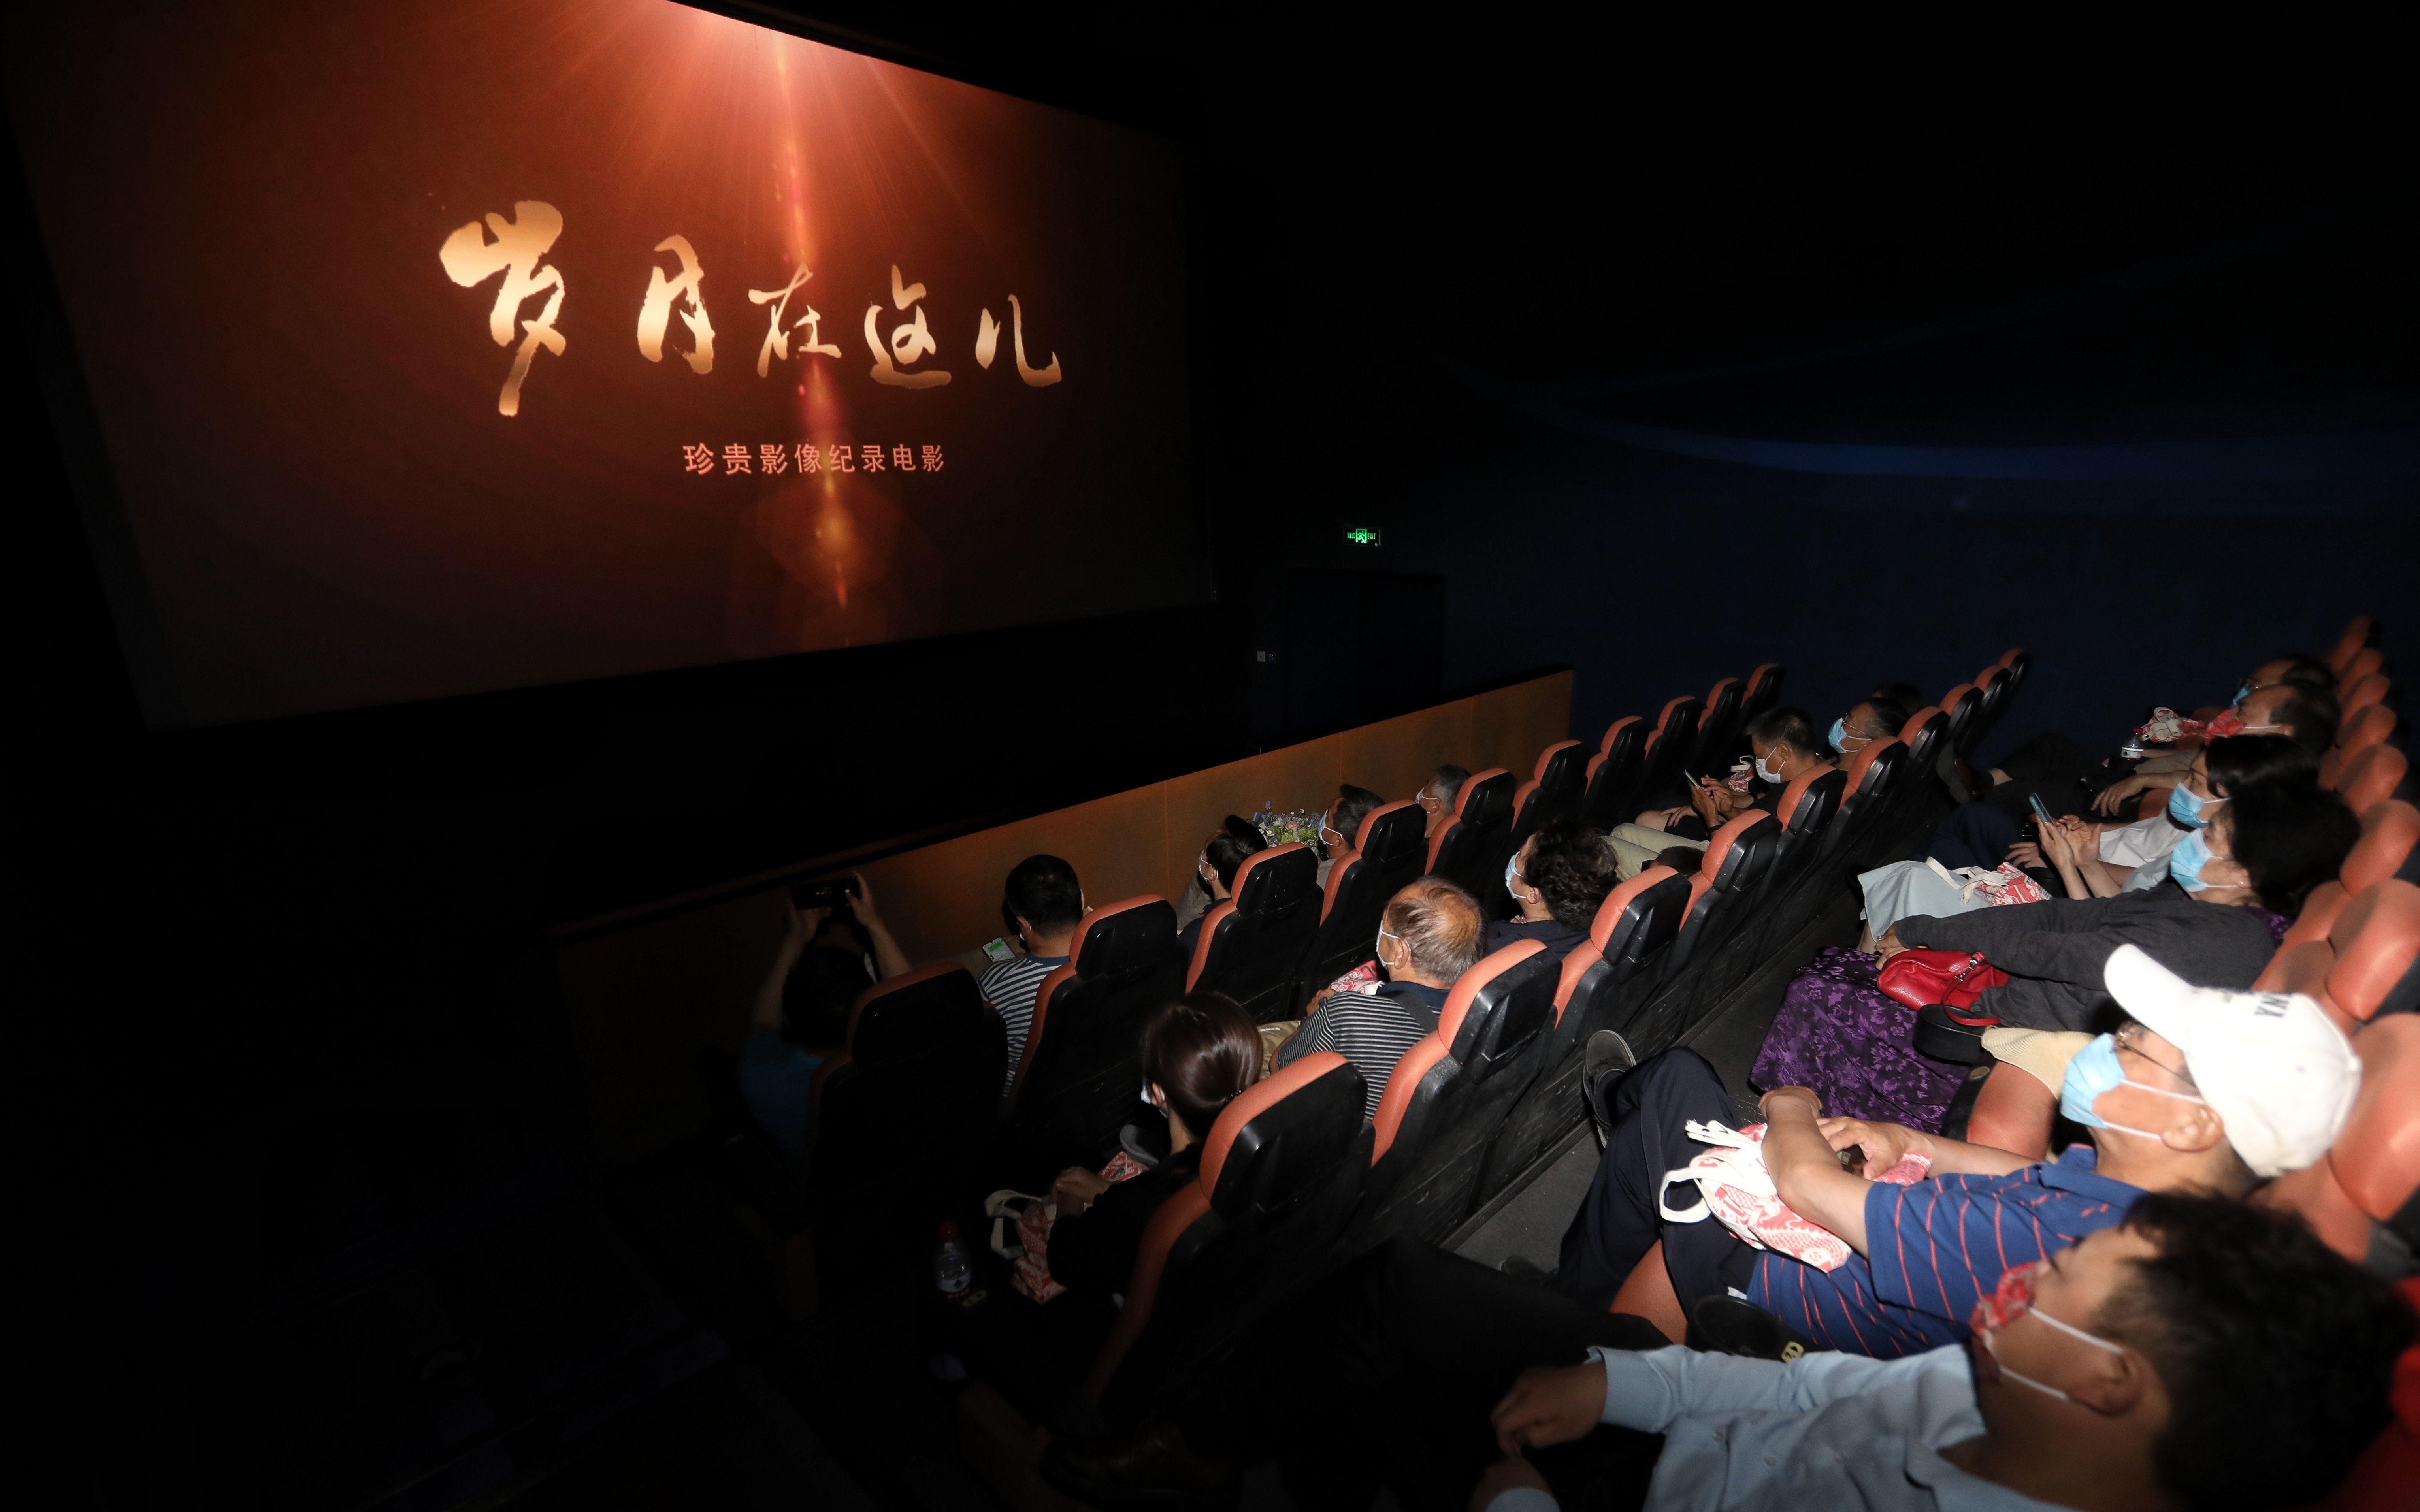 观众观看《岁月在这儿》。新京报记者王嘉宁摄